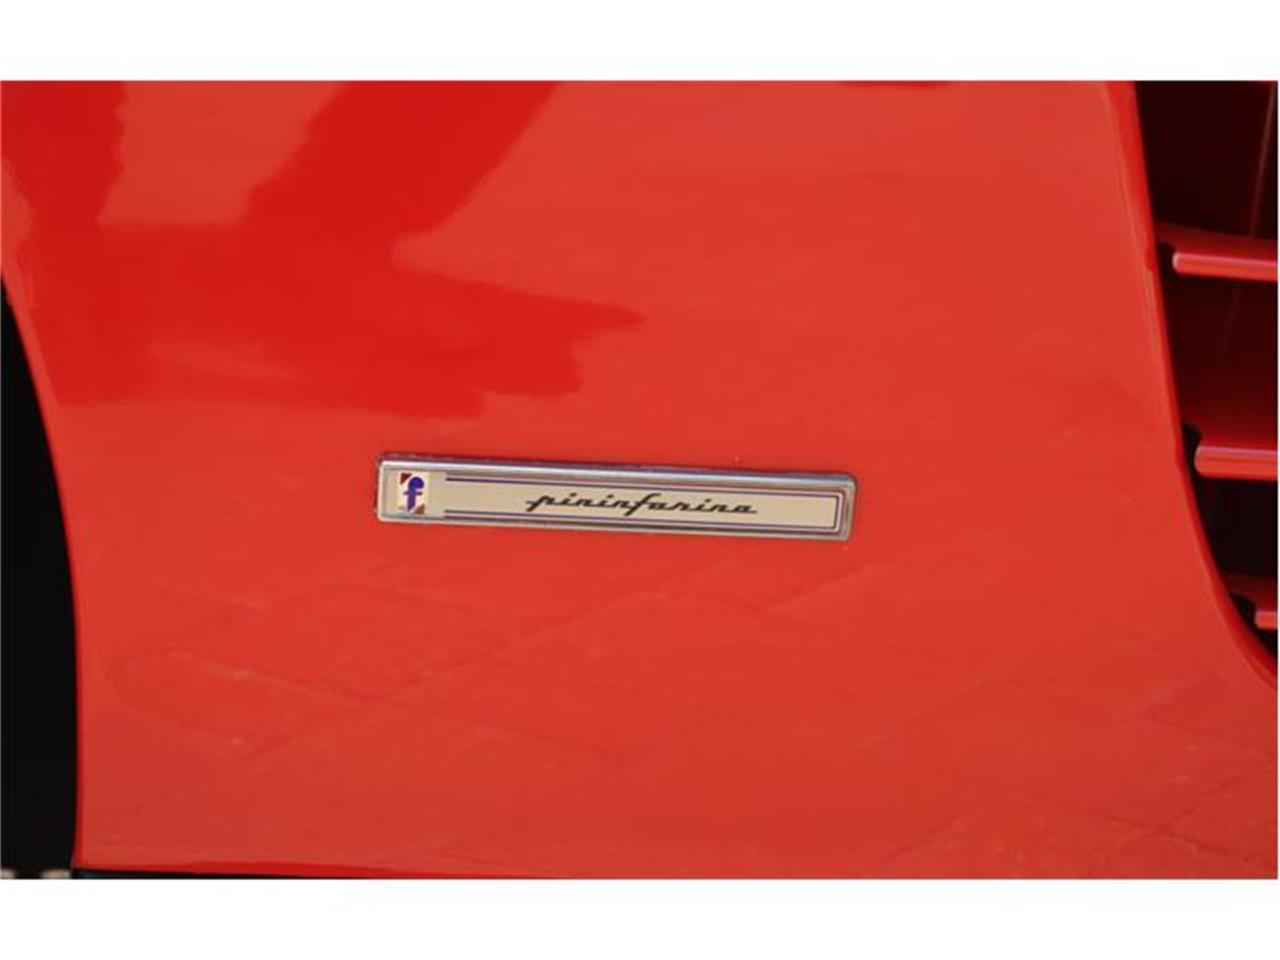 Large Picture of 1990 Ferrari Testarossa located in San Antonio Texas Auction Vehicle - GMC4